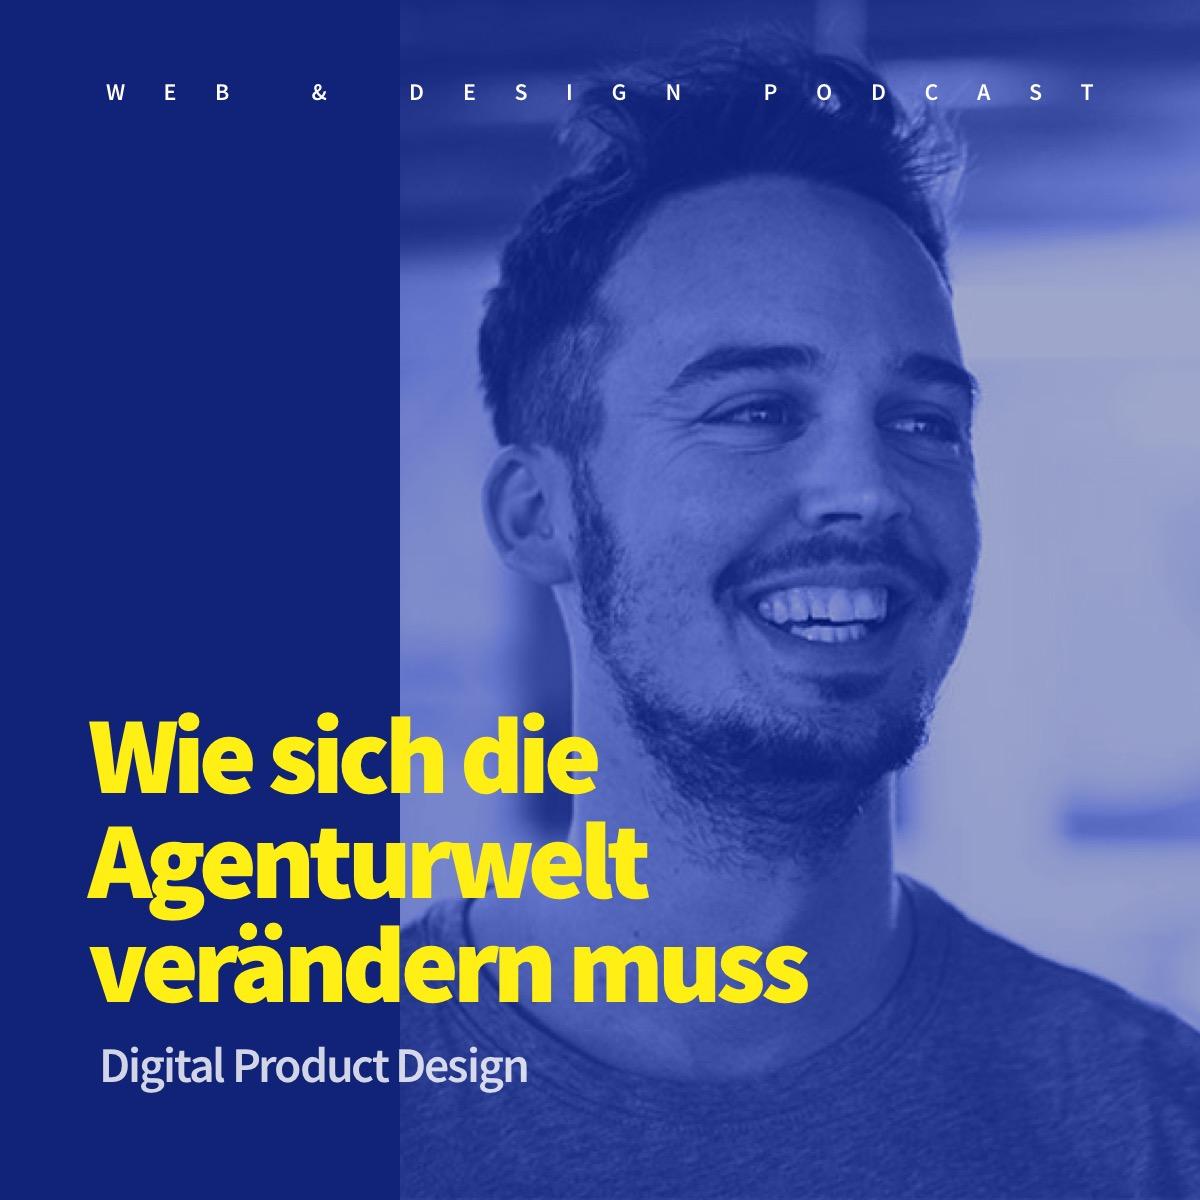 Wie sich die Agenturwelt im digitalen Product Design verändern muss